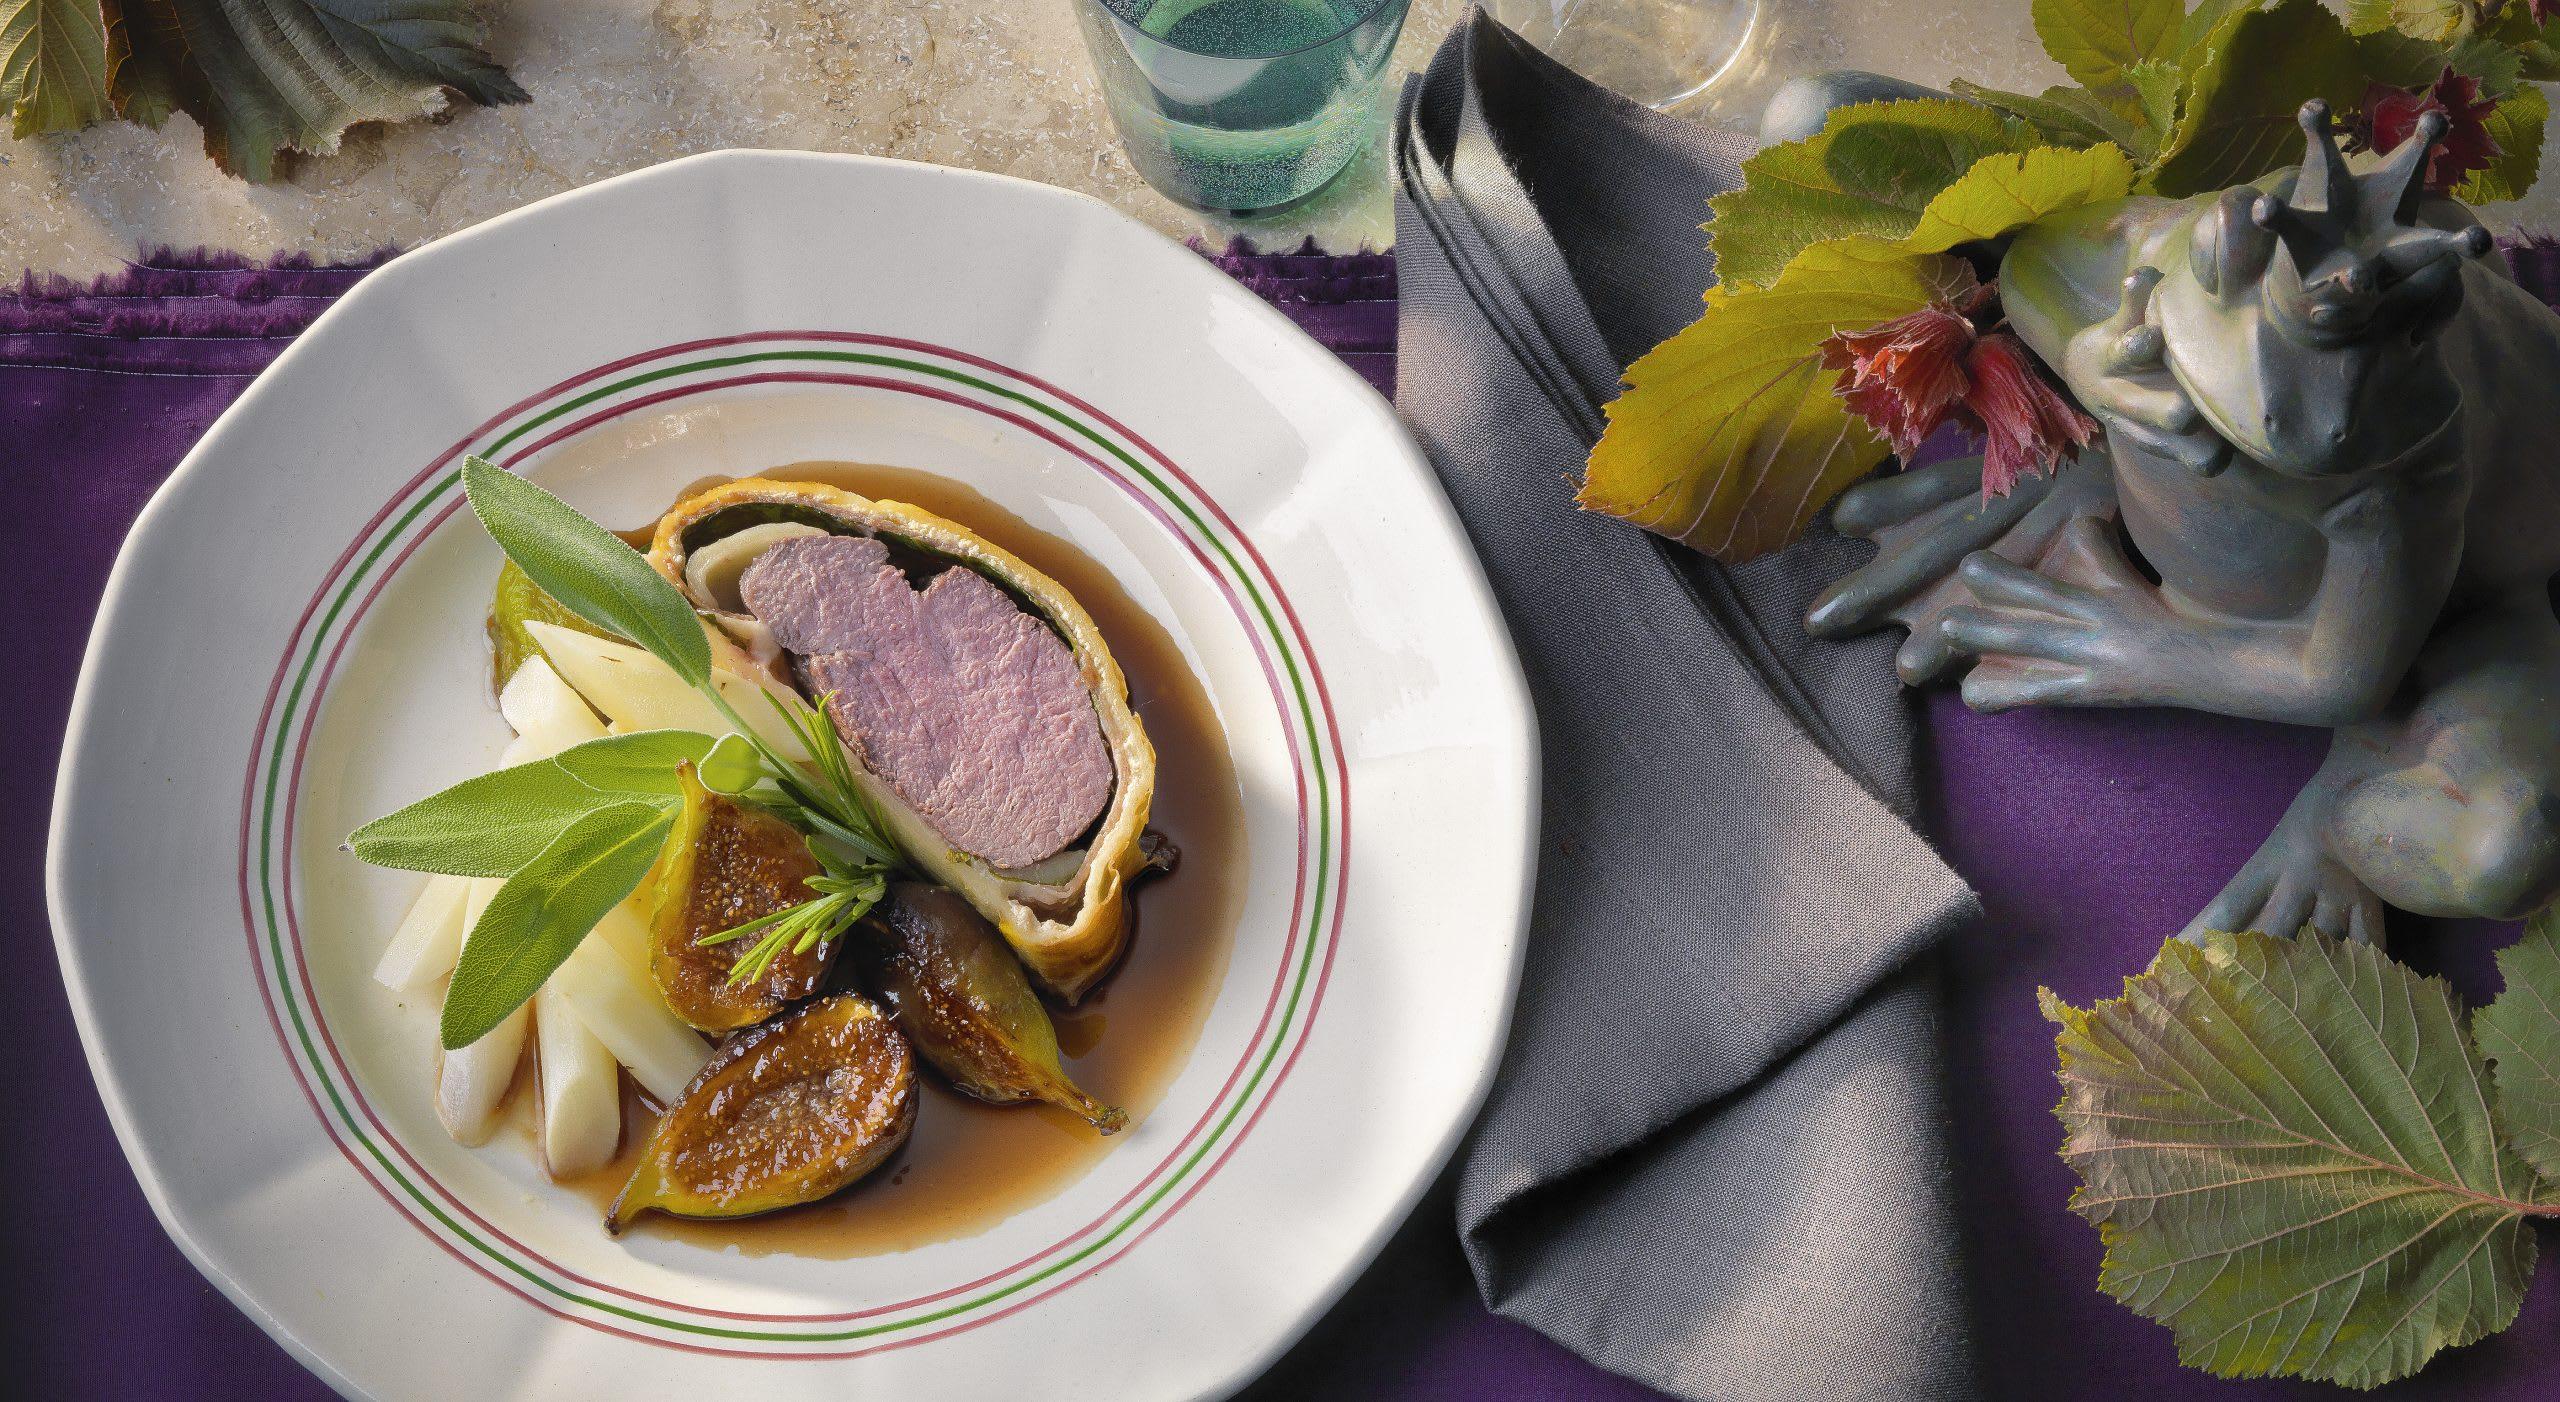 Filet de veau en croûte aux figues sauce porto